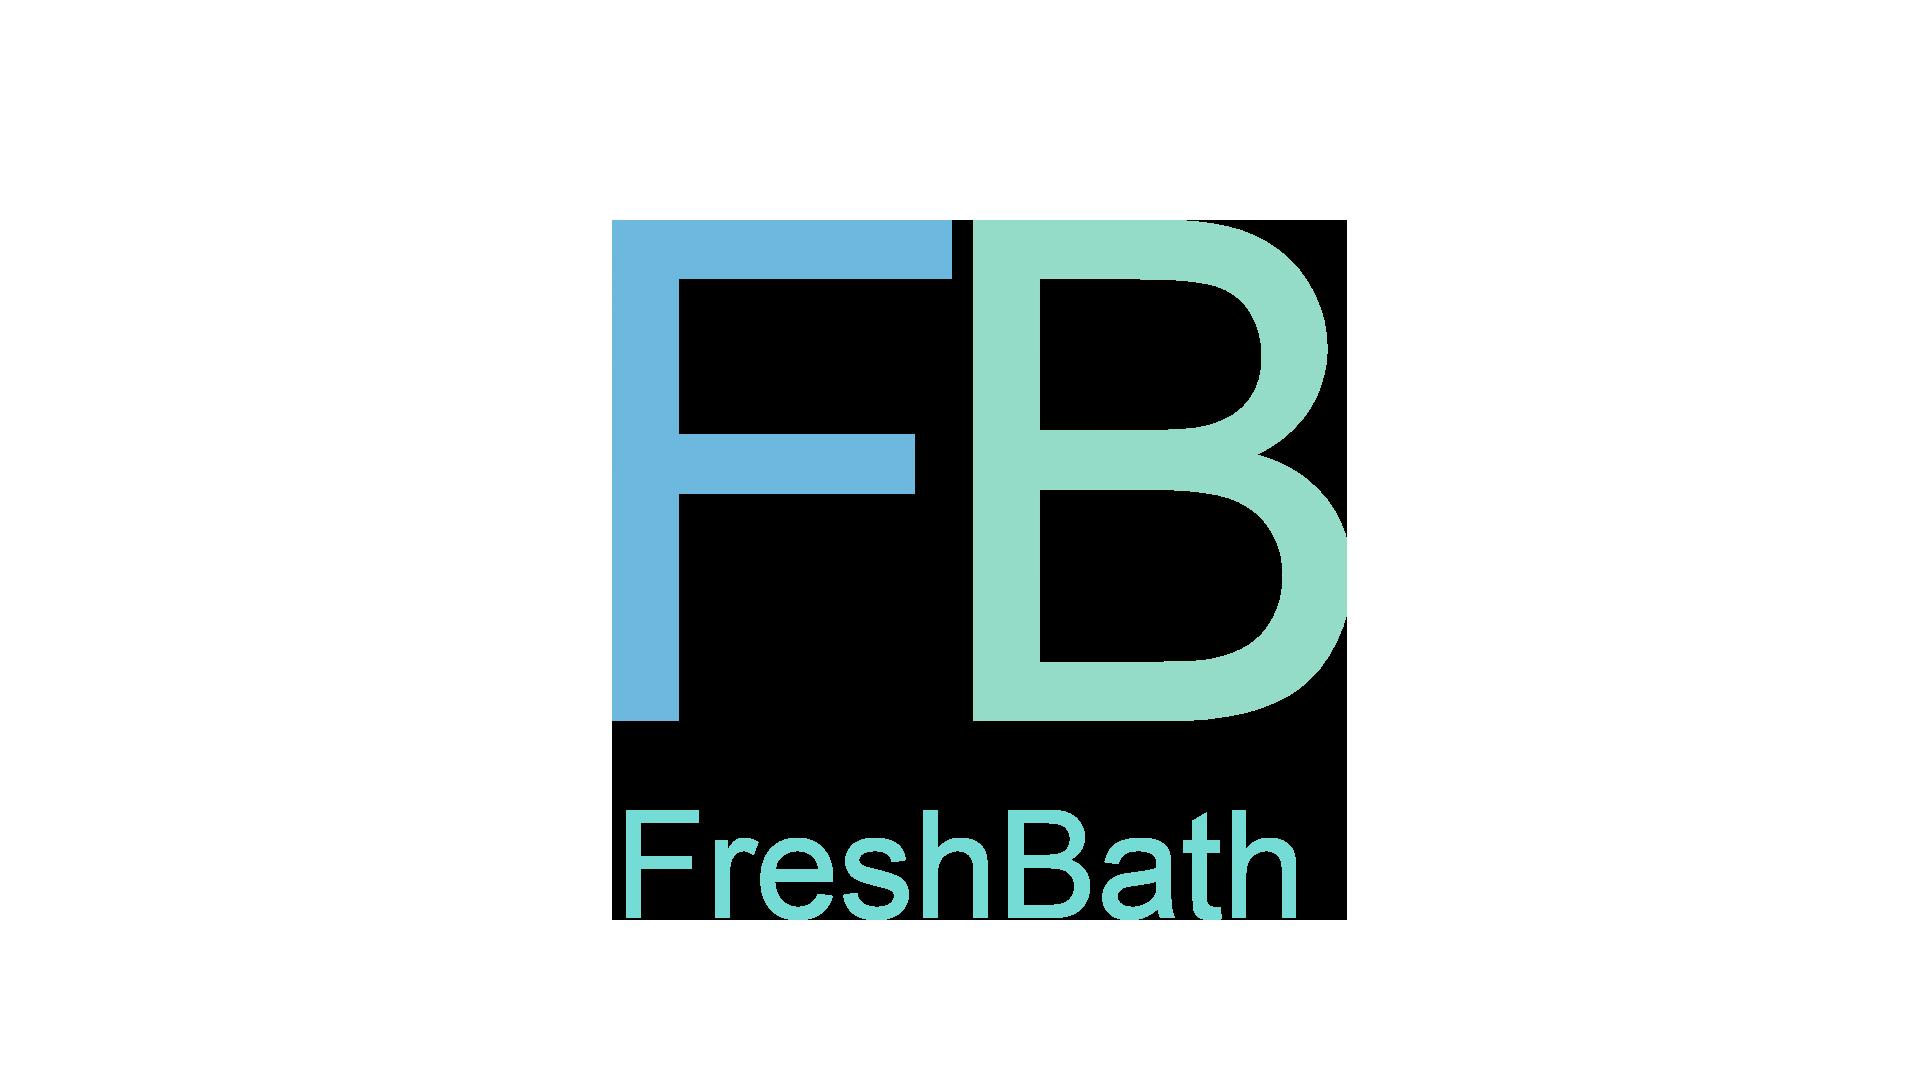 FreshBath